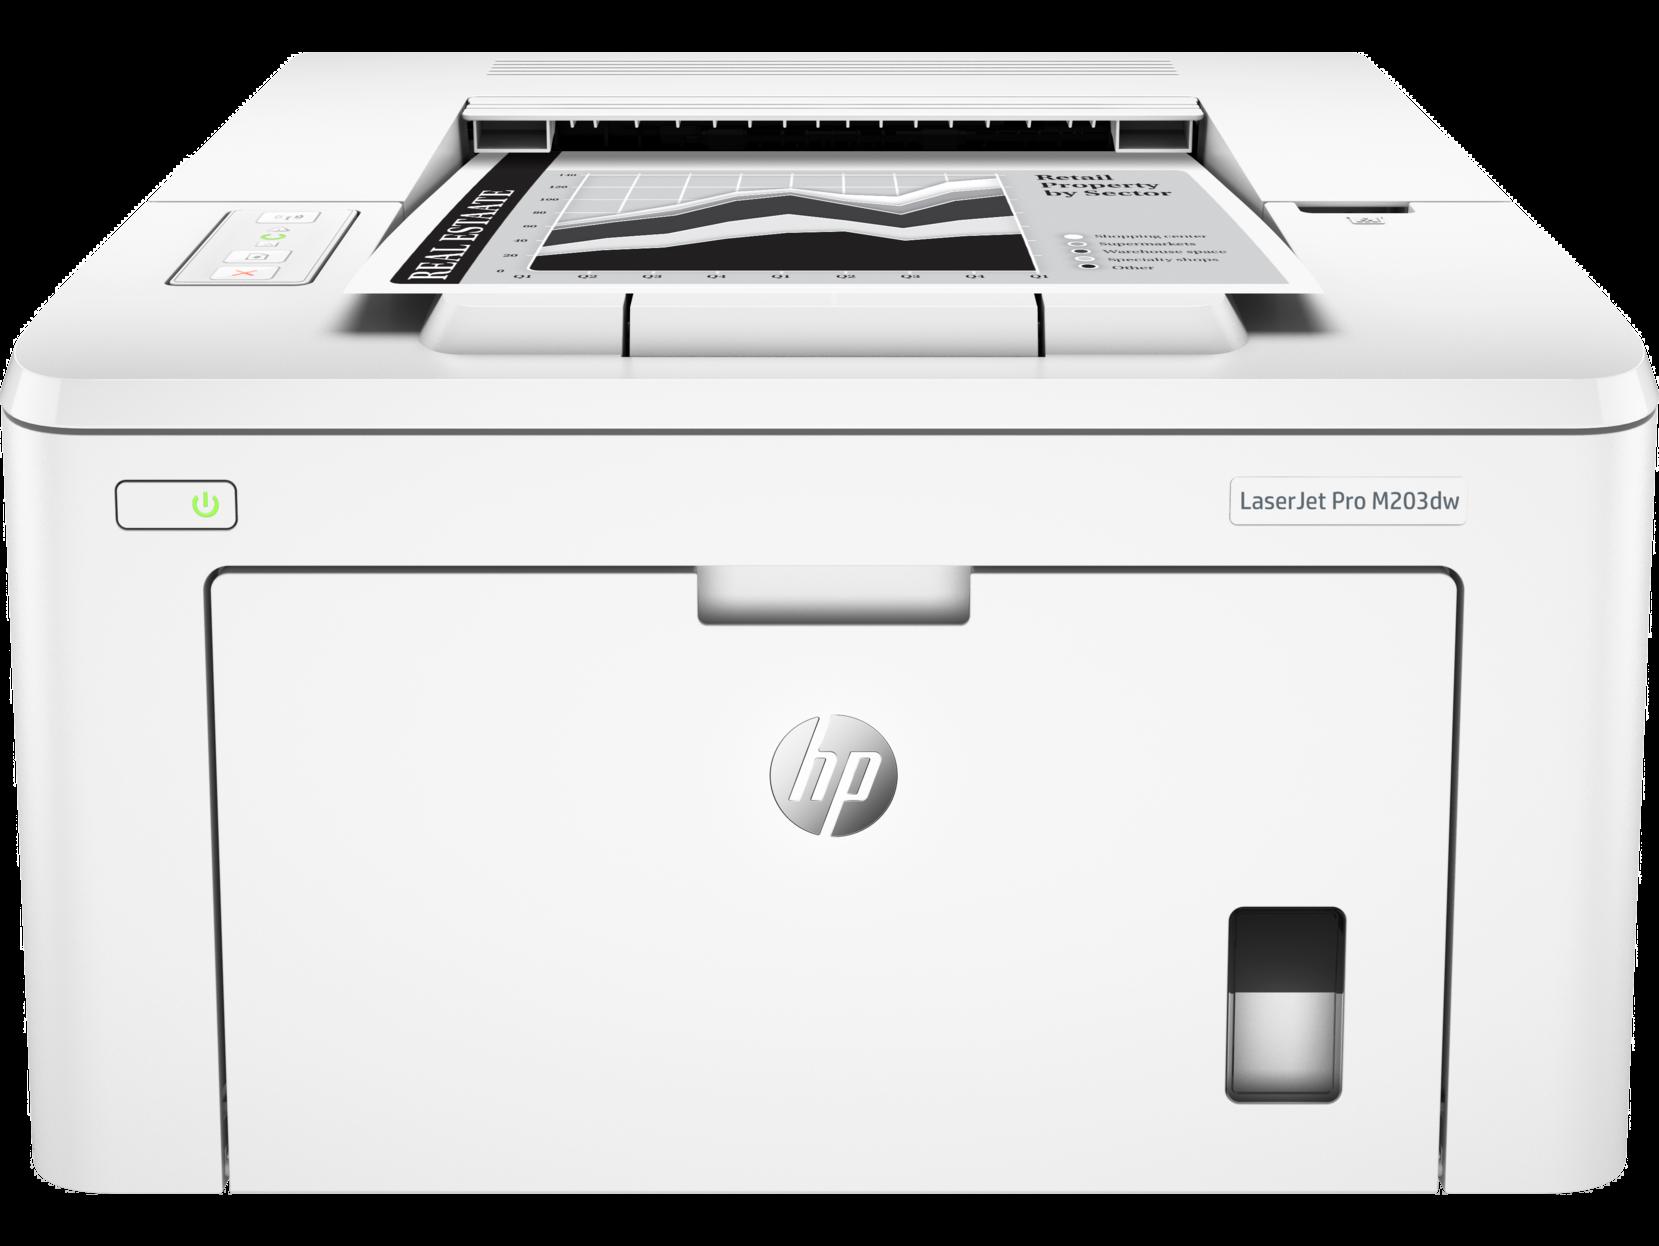 Máy in HP LaserJet Pro M203dw